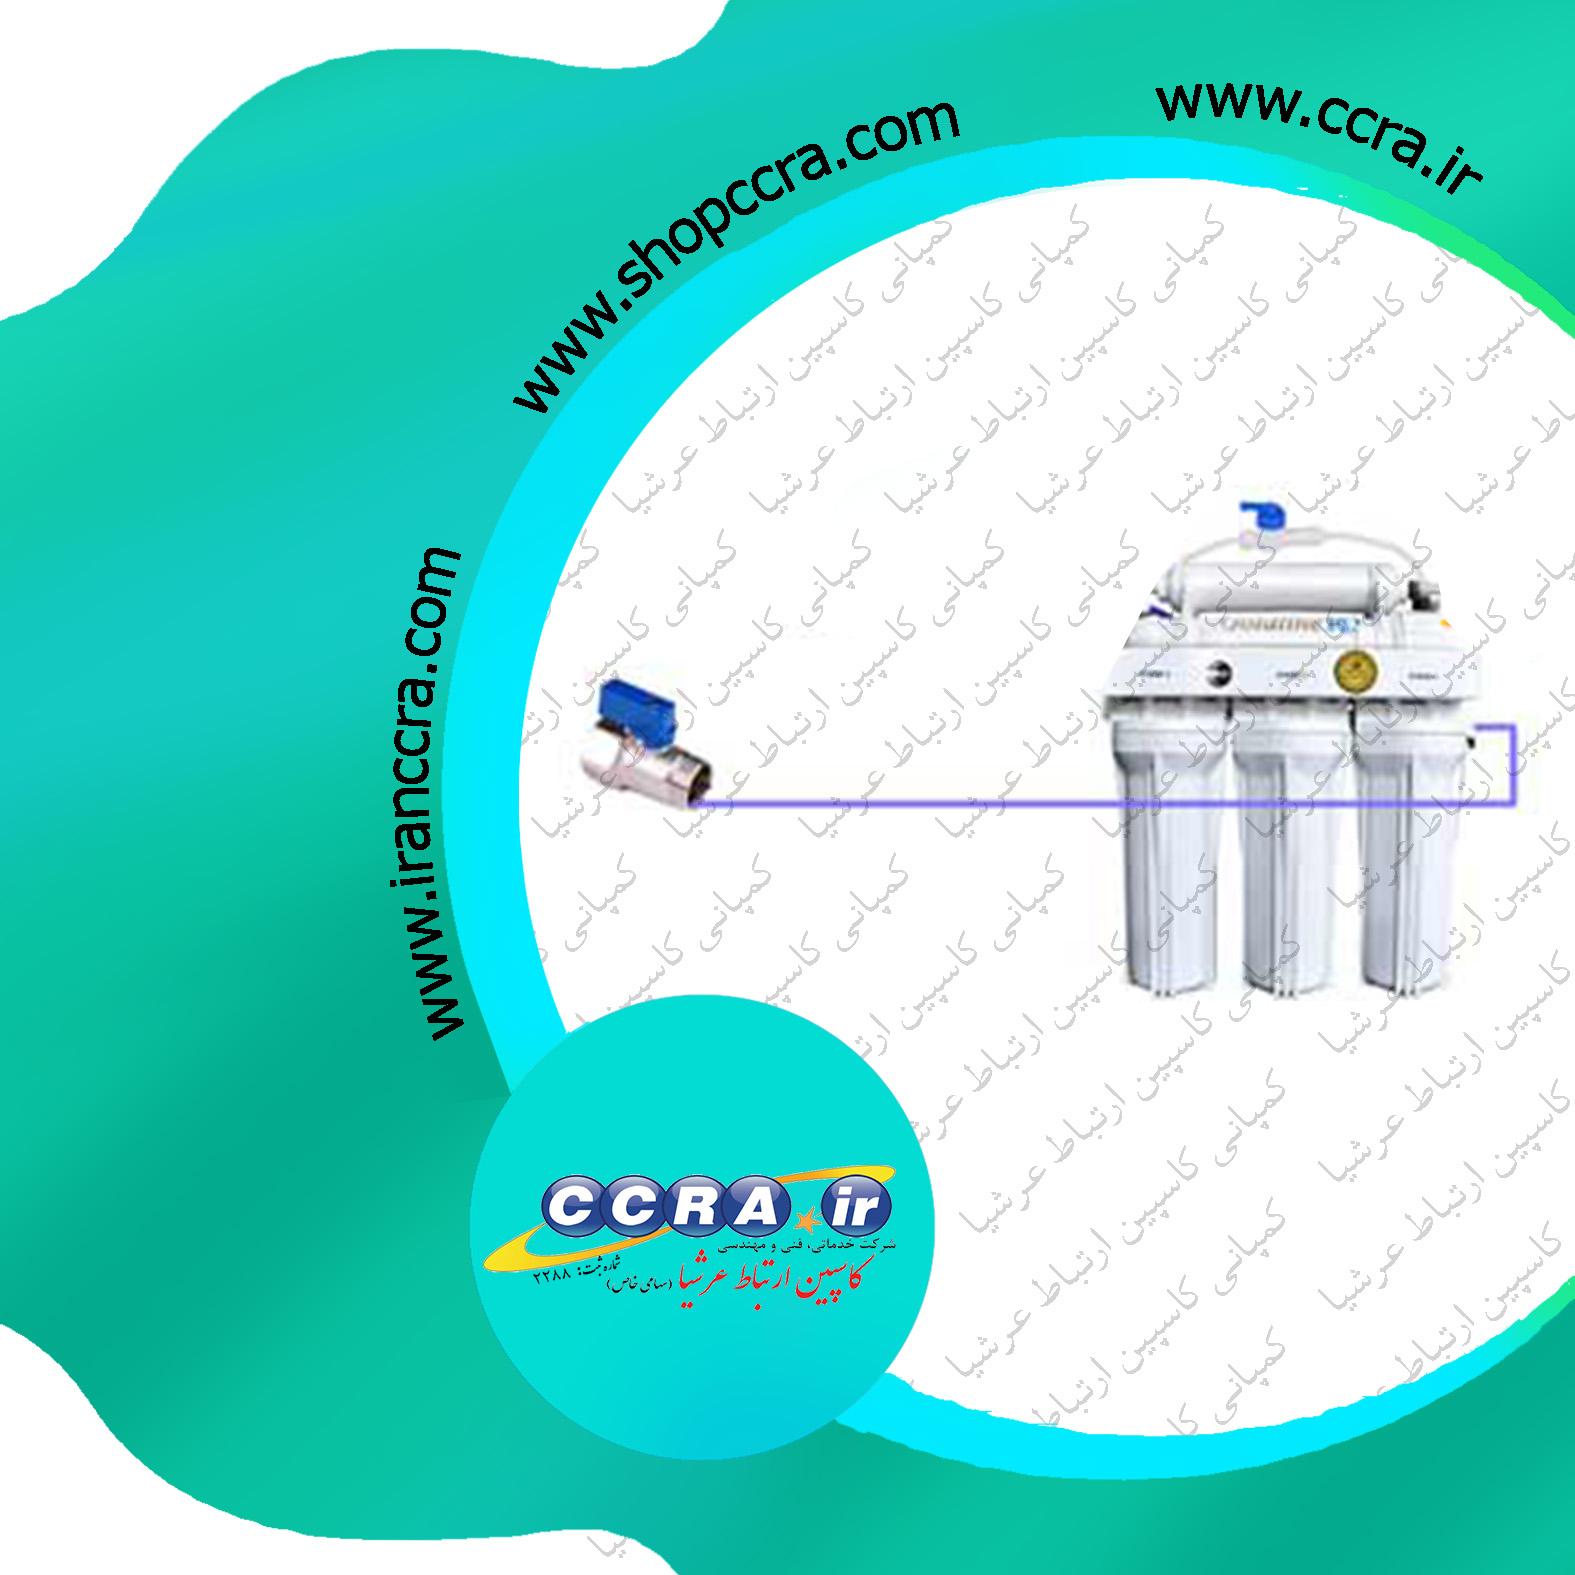 فشار مناسب آب برای شروع عملکرد دستگاه های تصفیه آب خانگی پیوری واتر